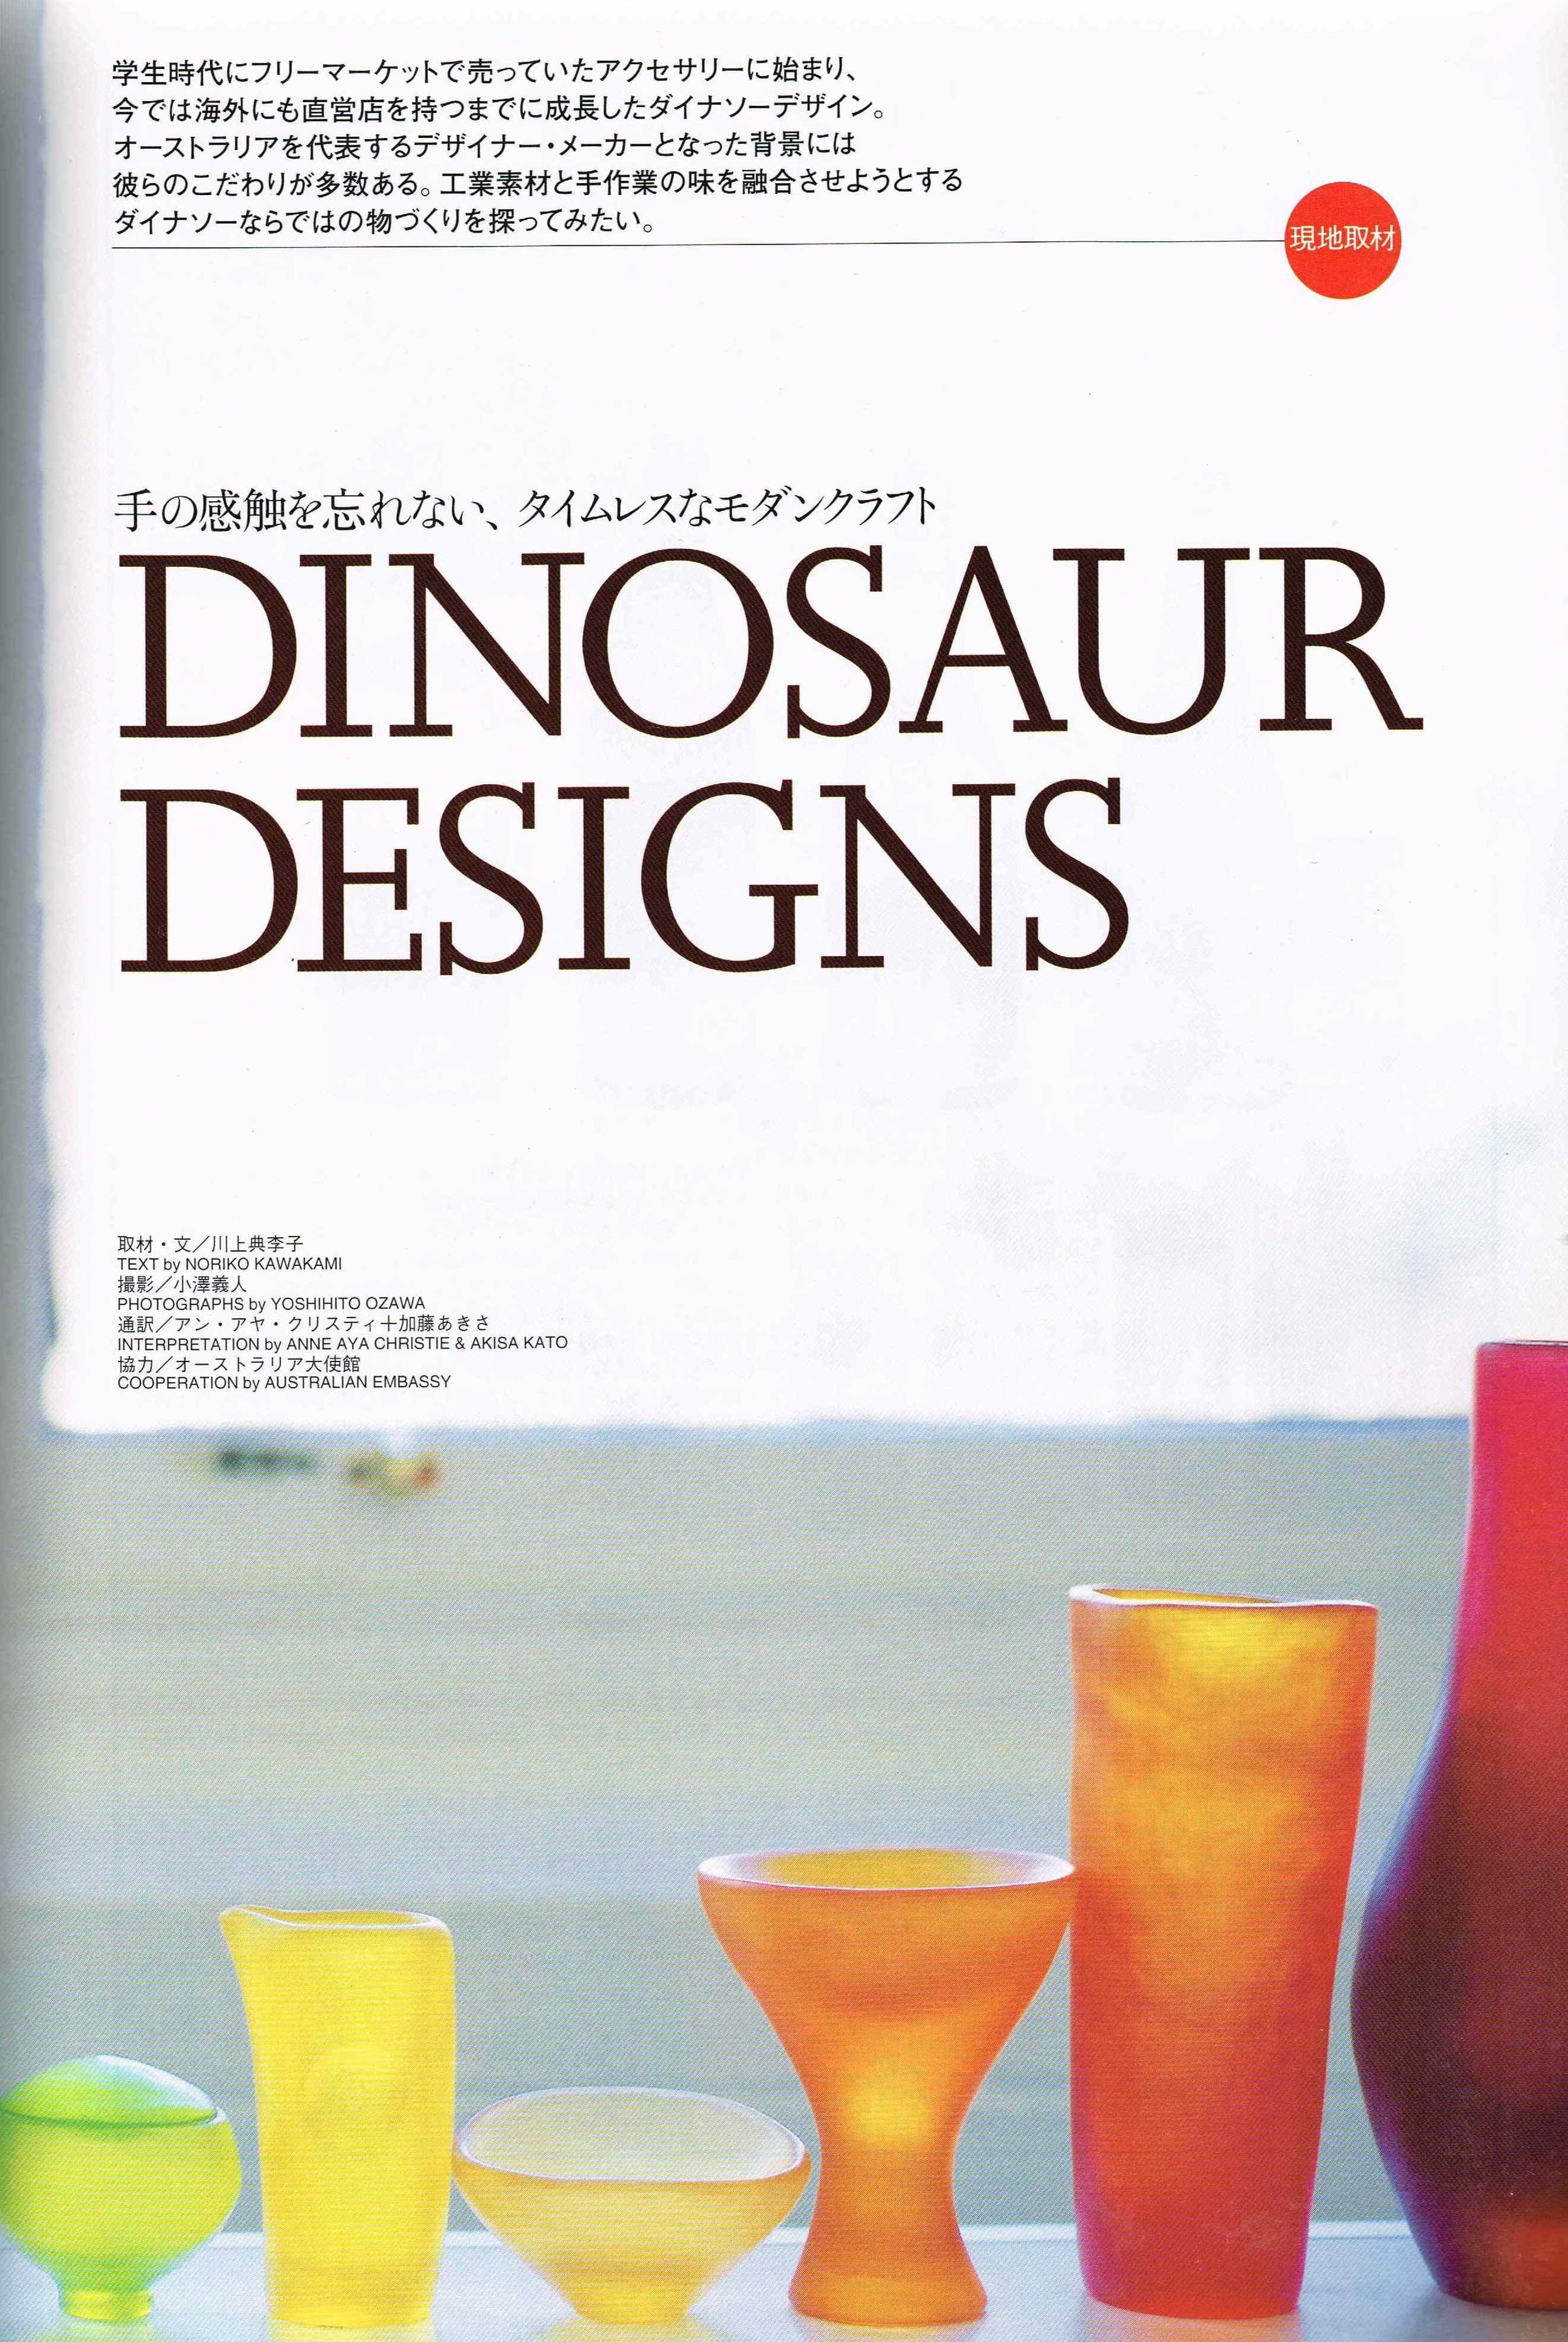 DESIGNERS WORKSHOP JAPAN 2003 P1.jpg